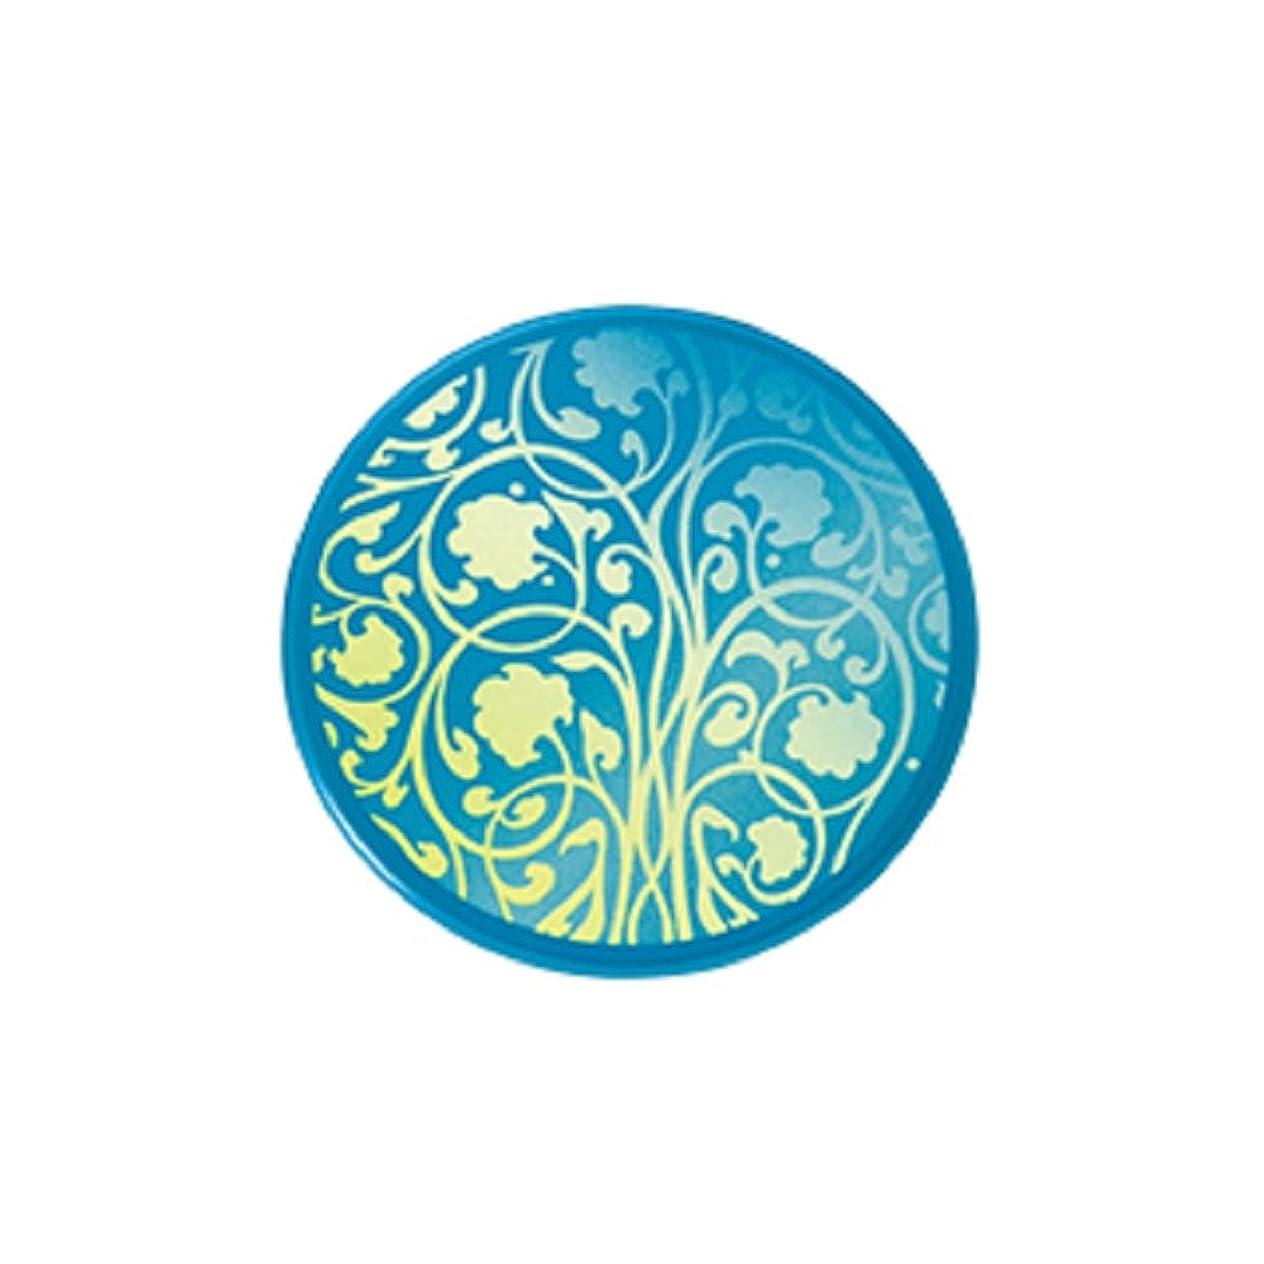 アンドリューハリディ力学傭兵アユーラ (AYURA) ウェルフィット アロマバーム 14g 〈ソリッドパヒューム〉 心地よい森林の香気